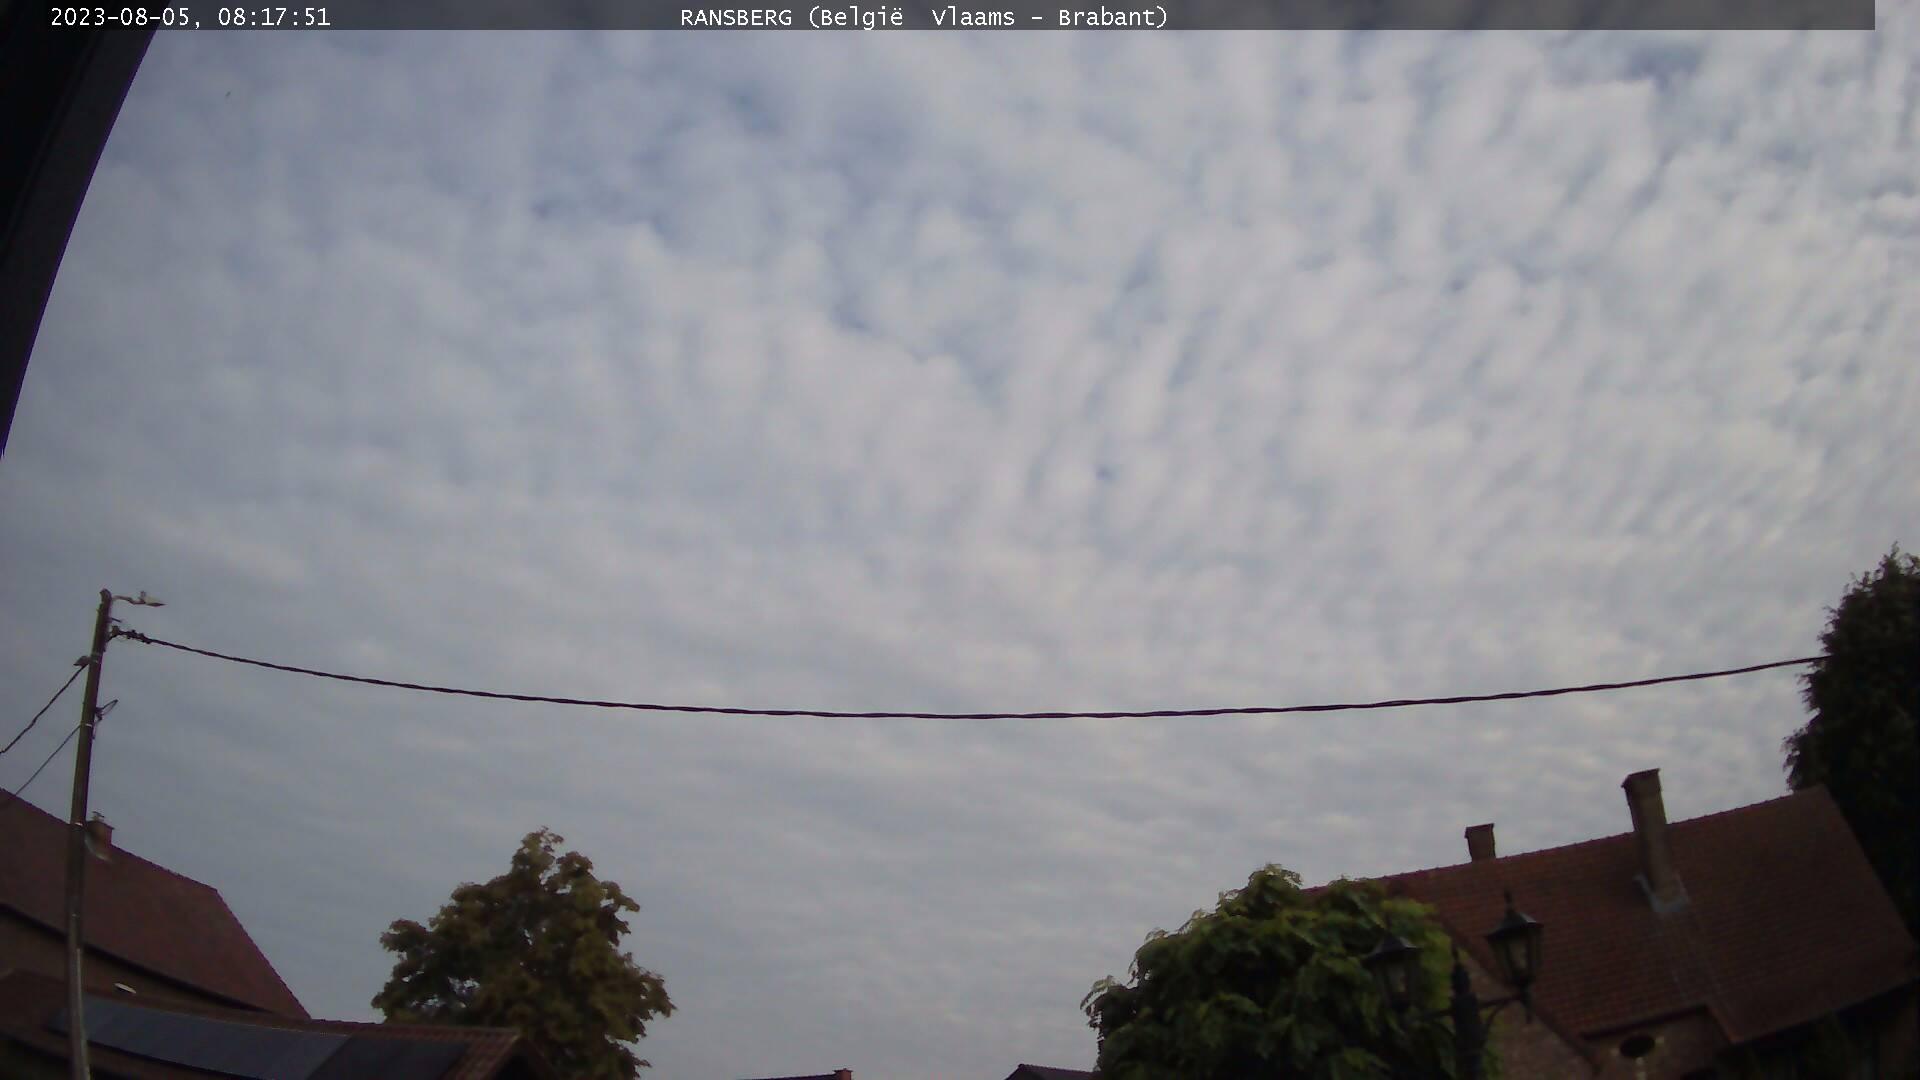 Webcam van Ransberg, Oost-Brabant